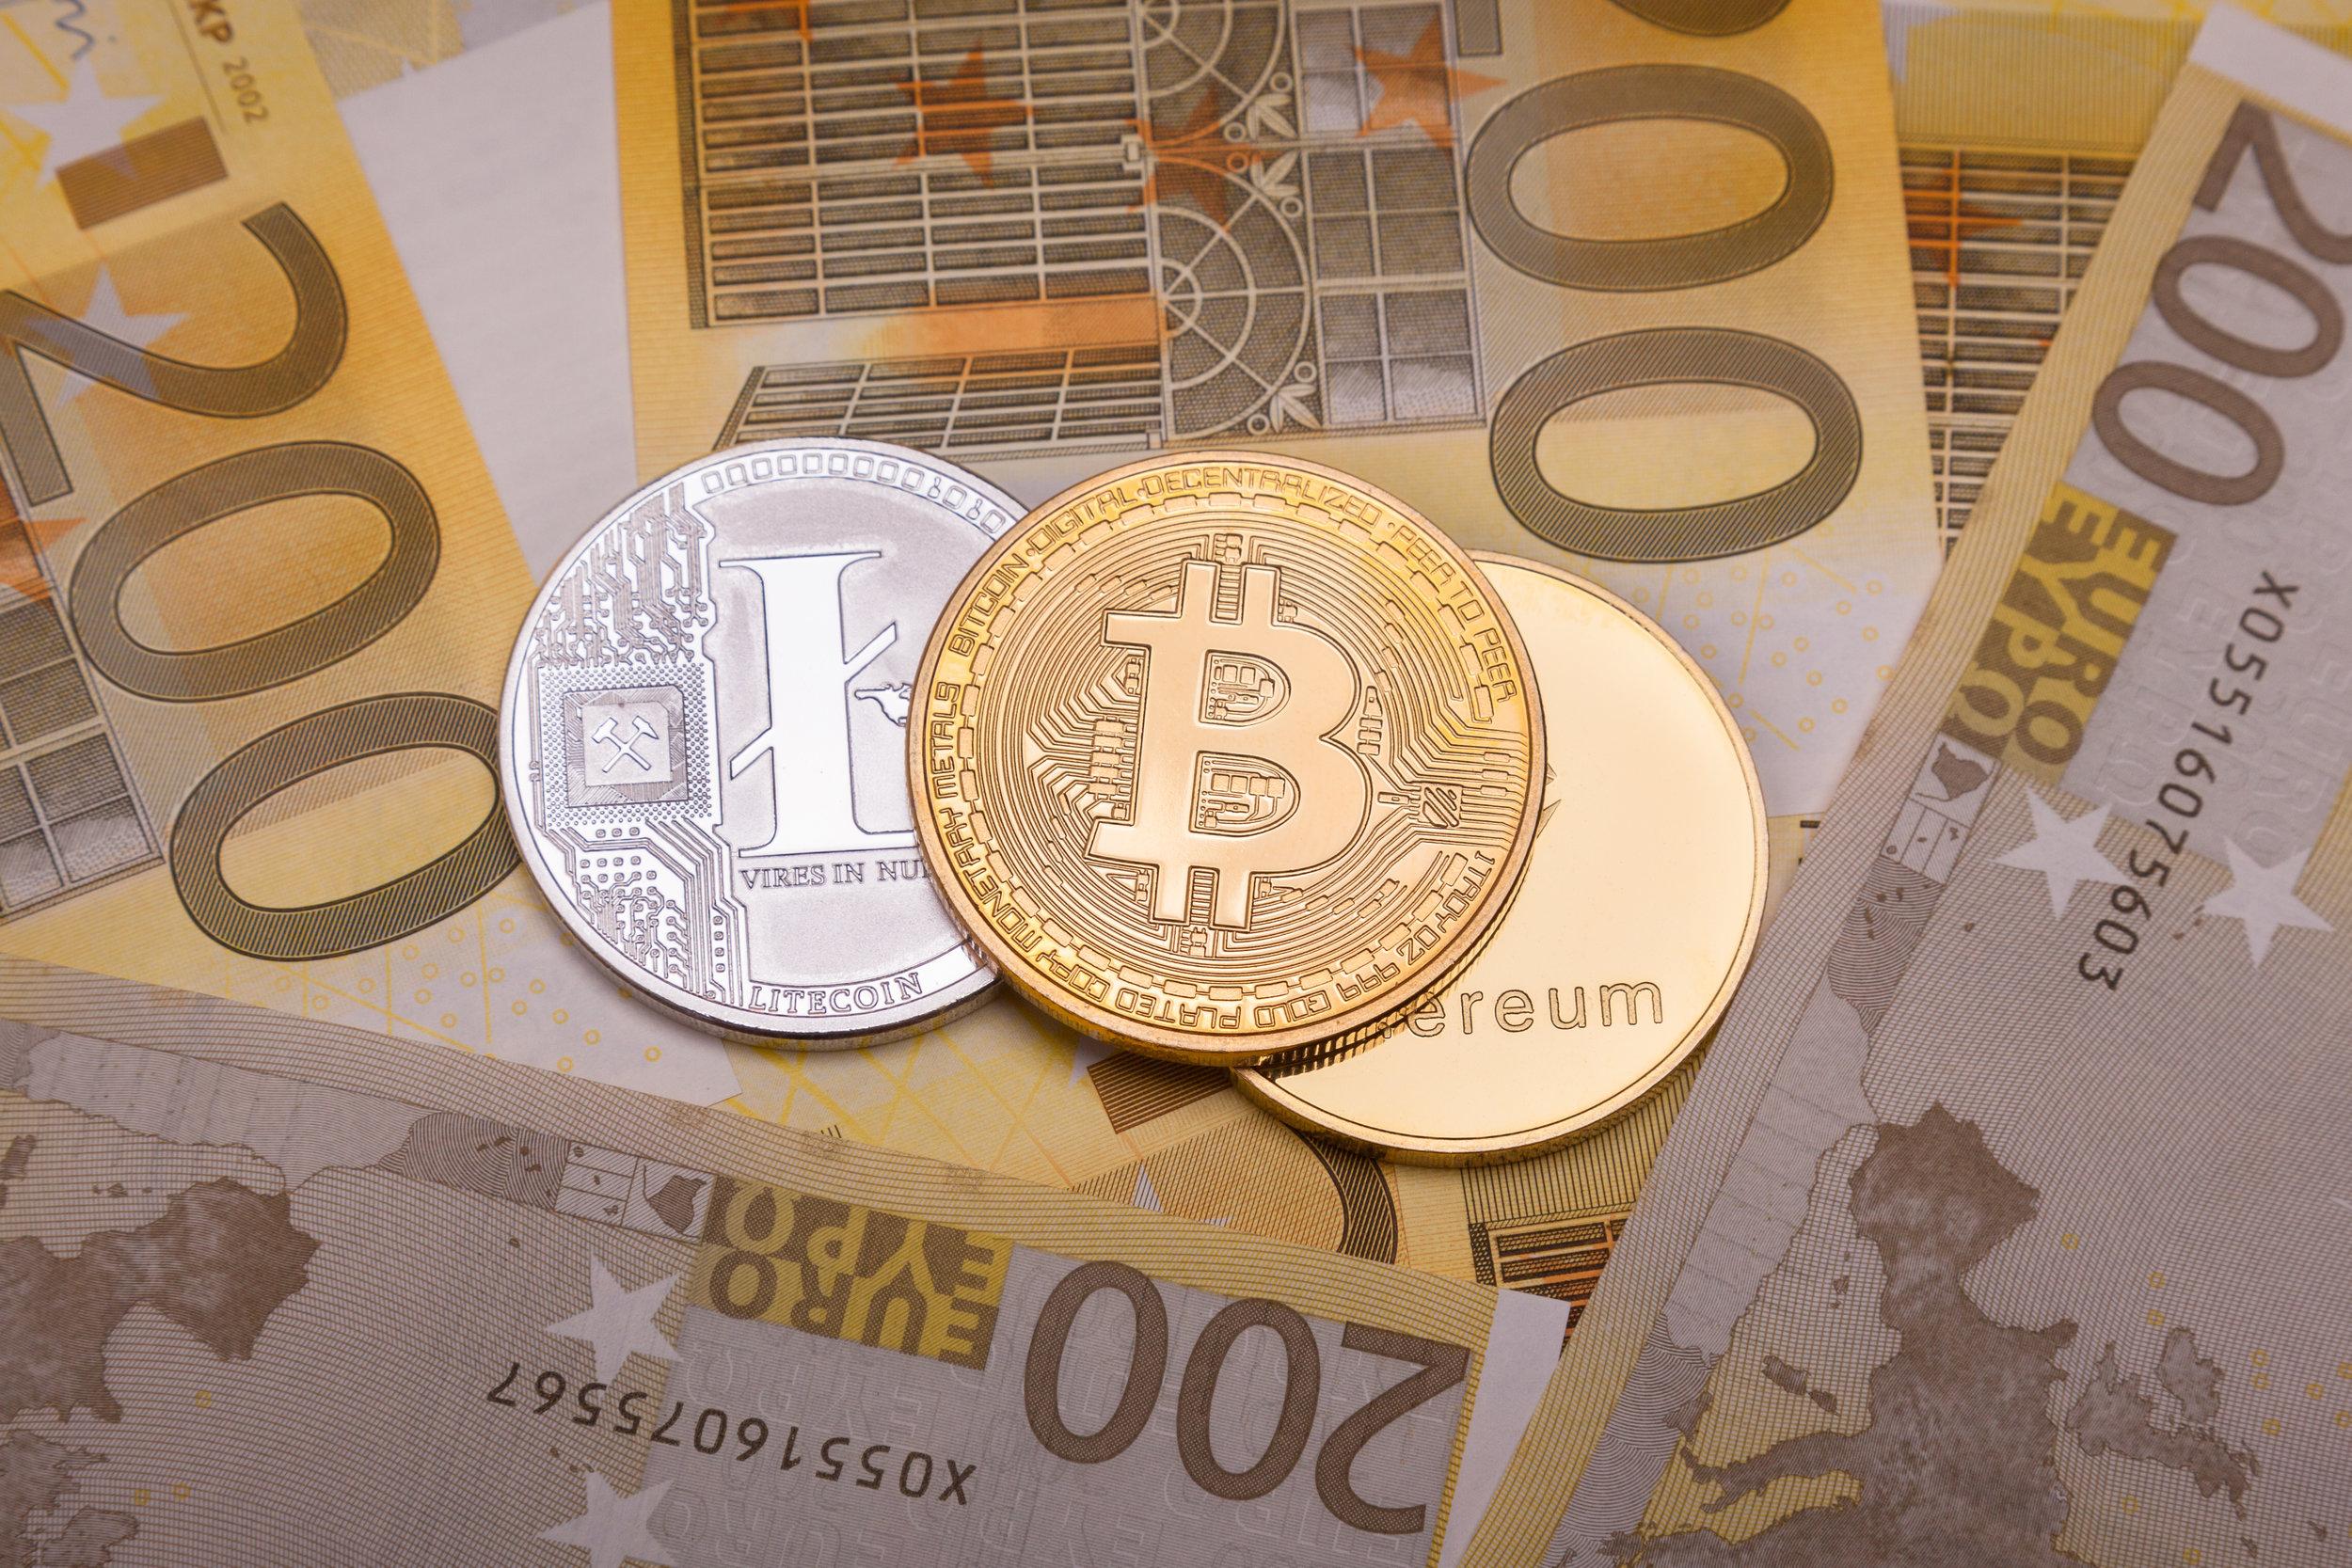 bitcoin-btc-crypto-currency-coin-over-200-euro-B37CJYF.jpg